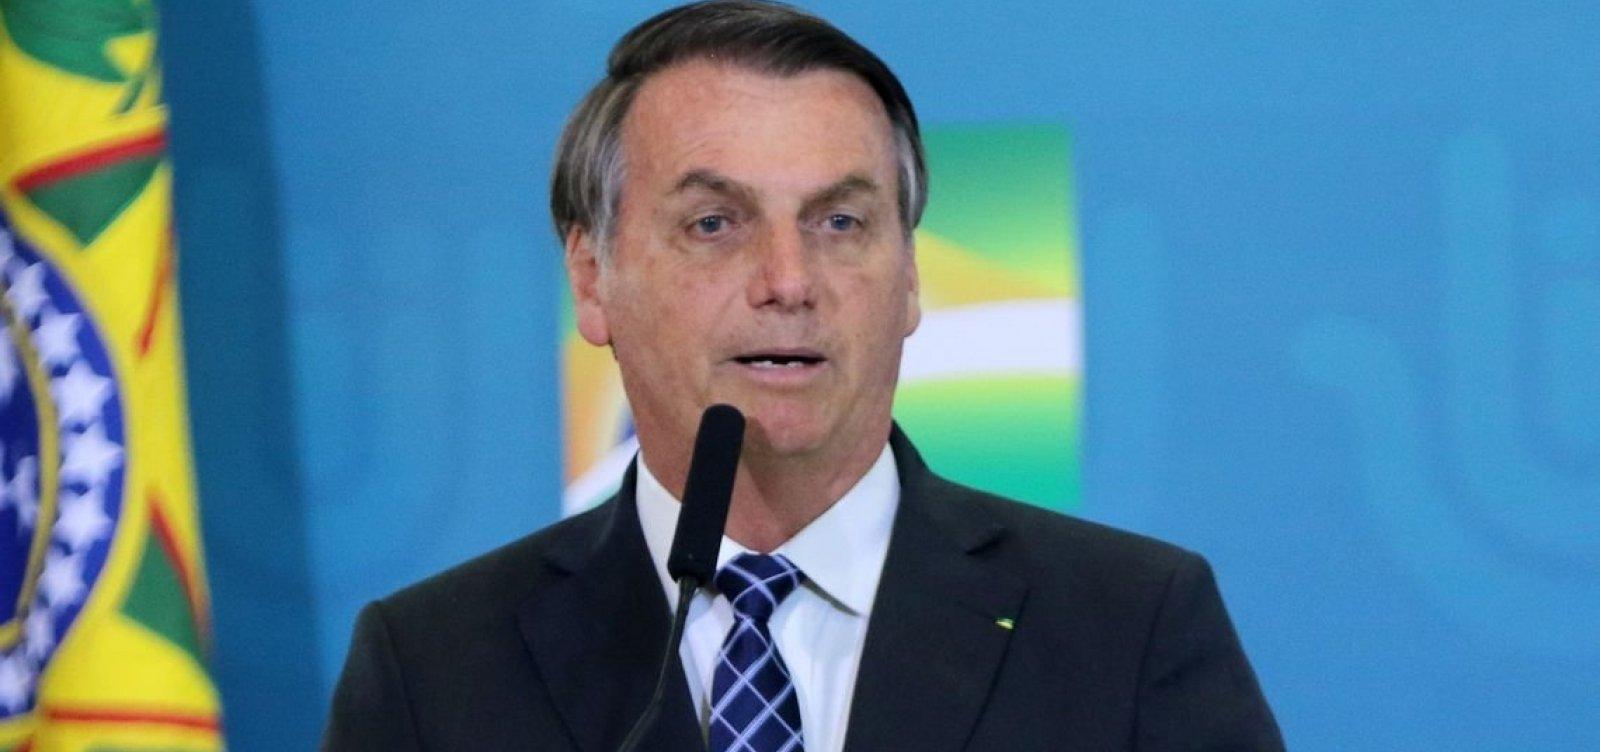 [Bolsonaro volta a dizer que auxilio emergencial deve ser pago até o final do ano, mas valor deve diminuir]